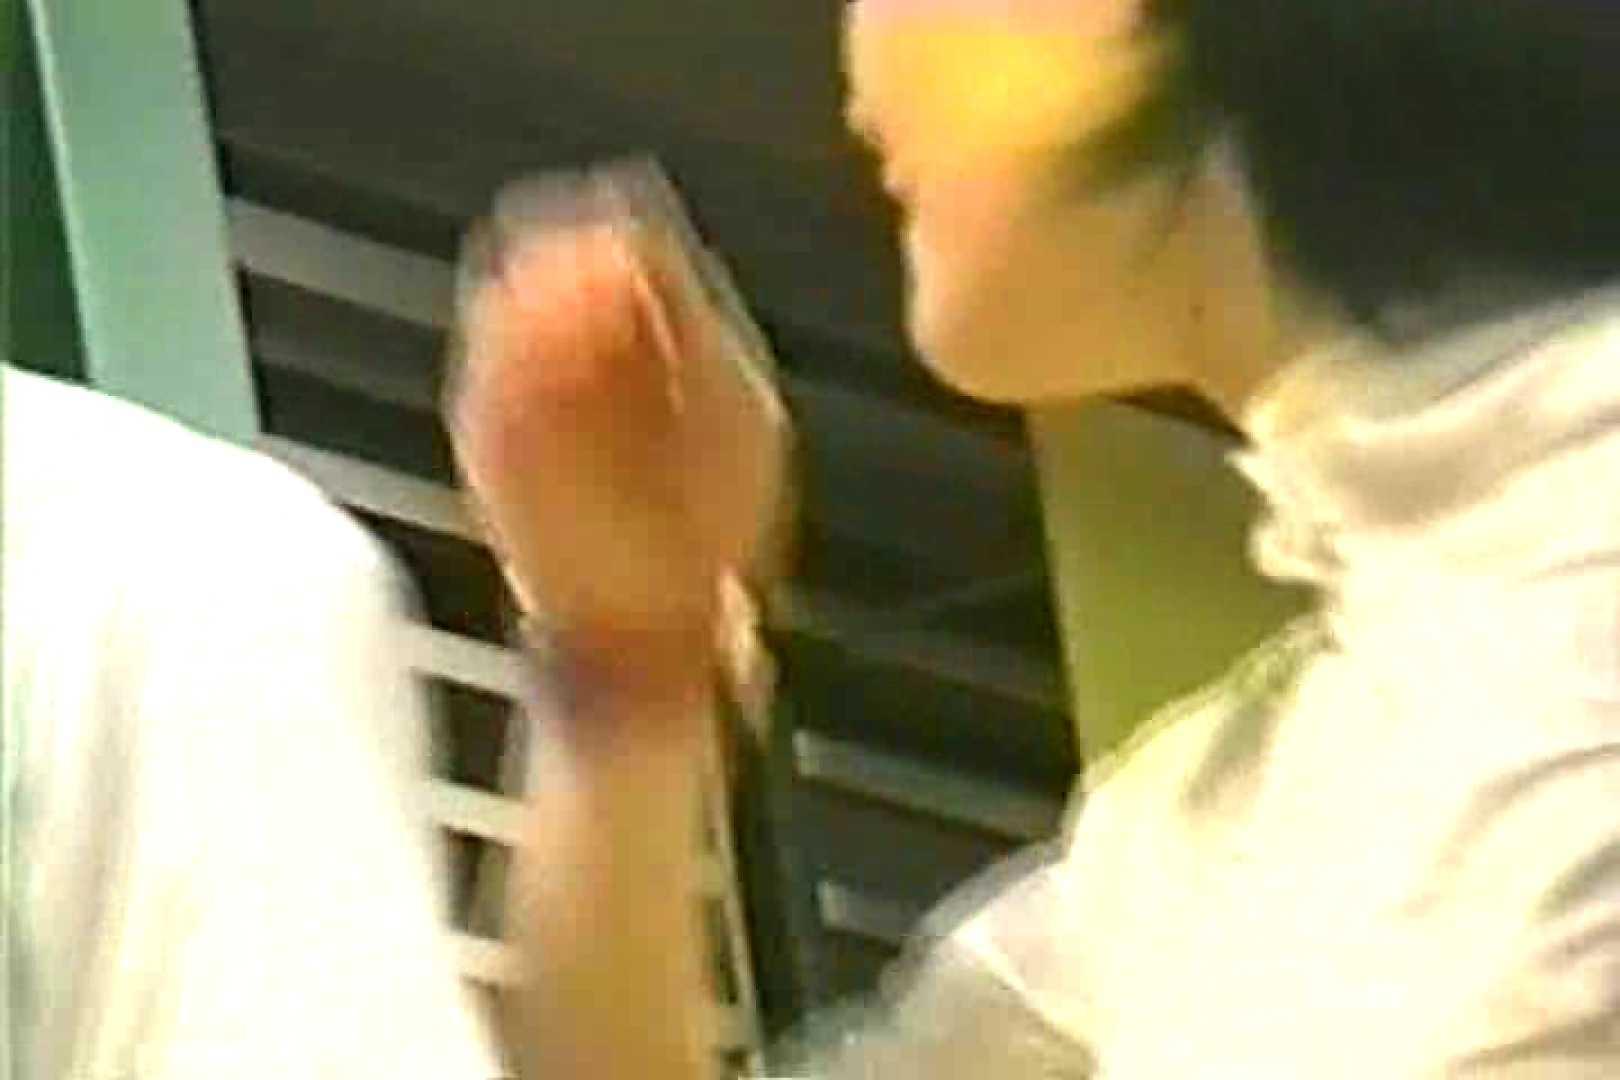 「ちくりん」さんのオリジナル未編集パンチラVol.9_02 パンチラ  85枚 63